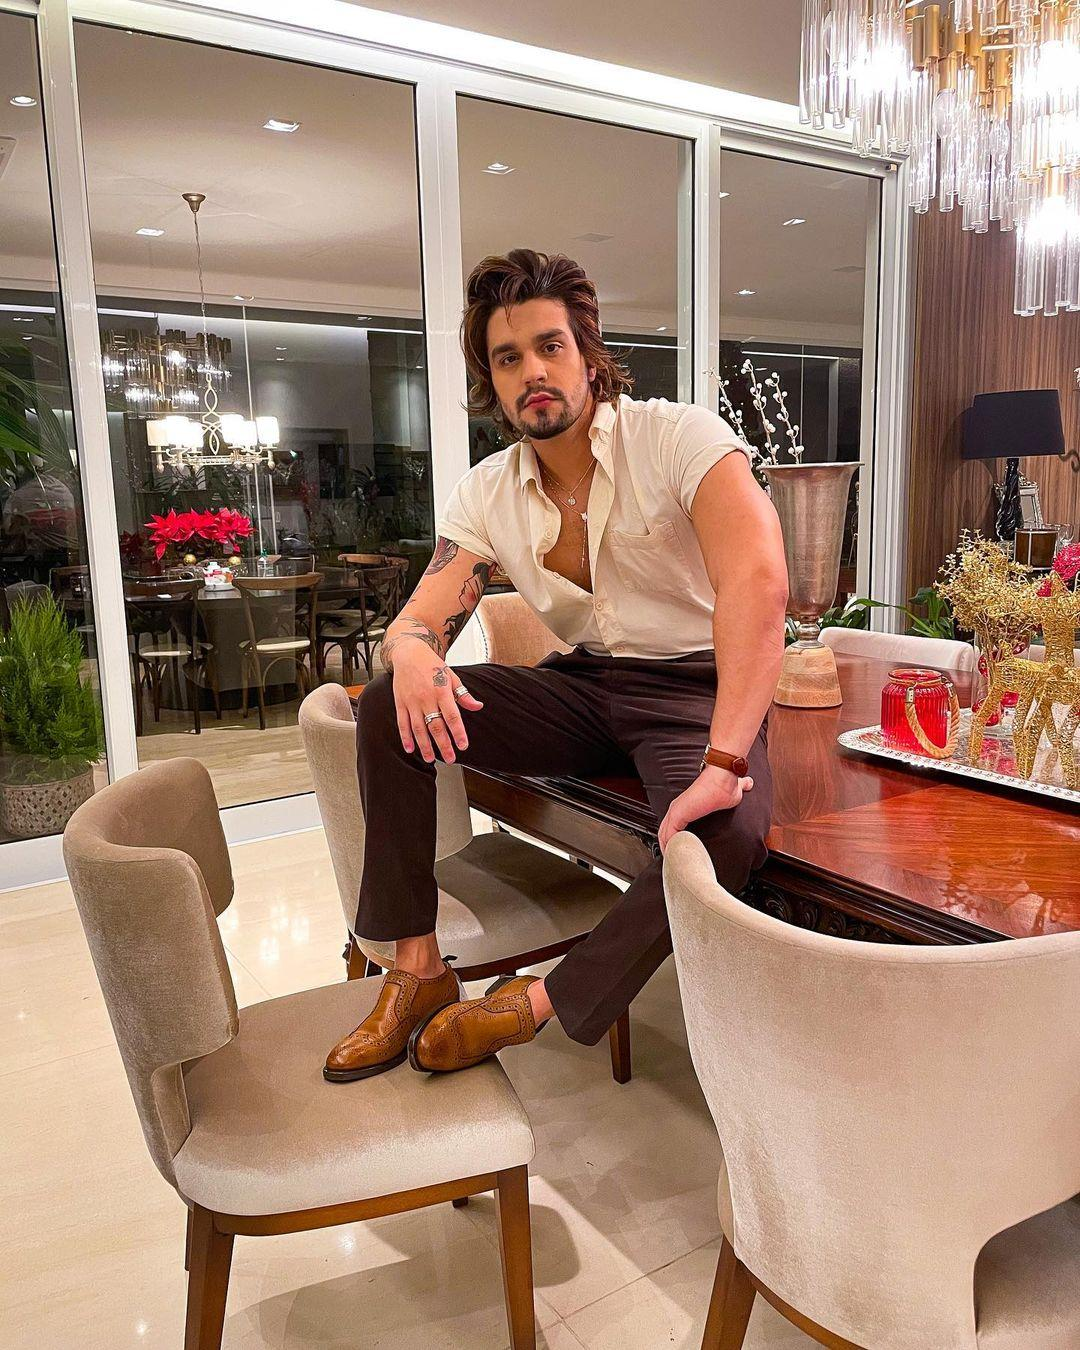 Imagem mostra o cantor Luan Santana, que gostaria de integrar o elenco de Pantanal